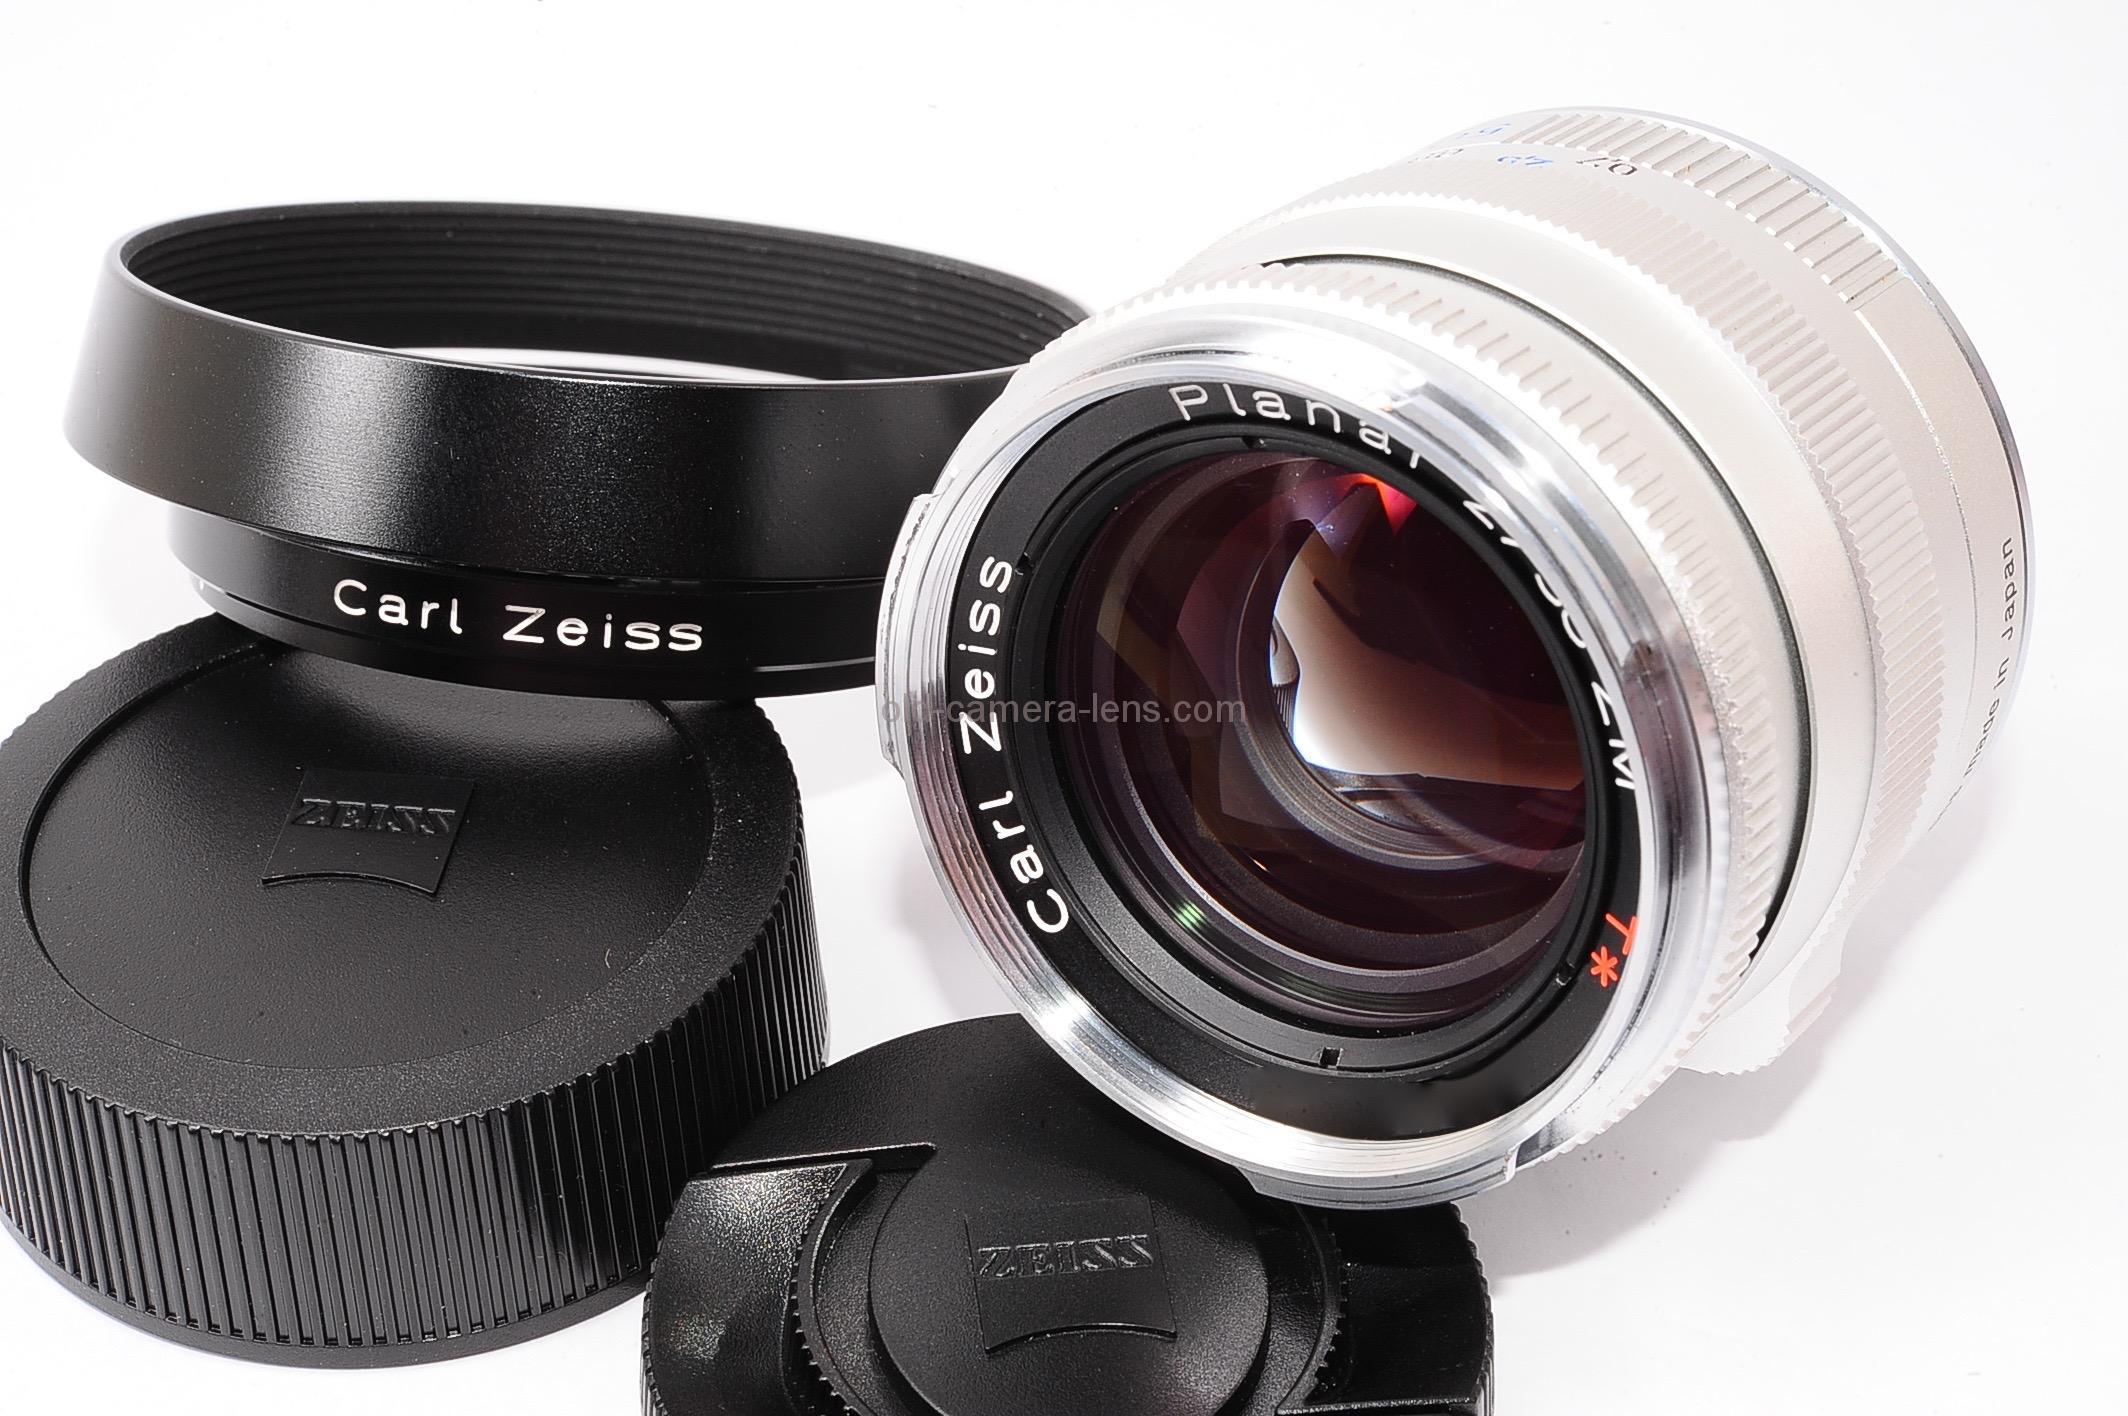 カールツァイス プラナー (Carl Zeiss Planar) 50mm F2 ZM | 神玉レンズ